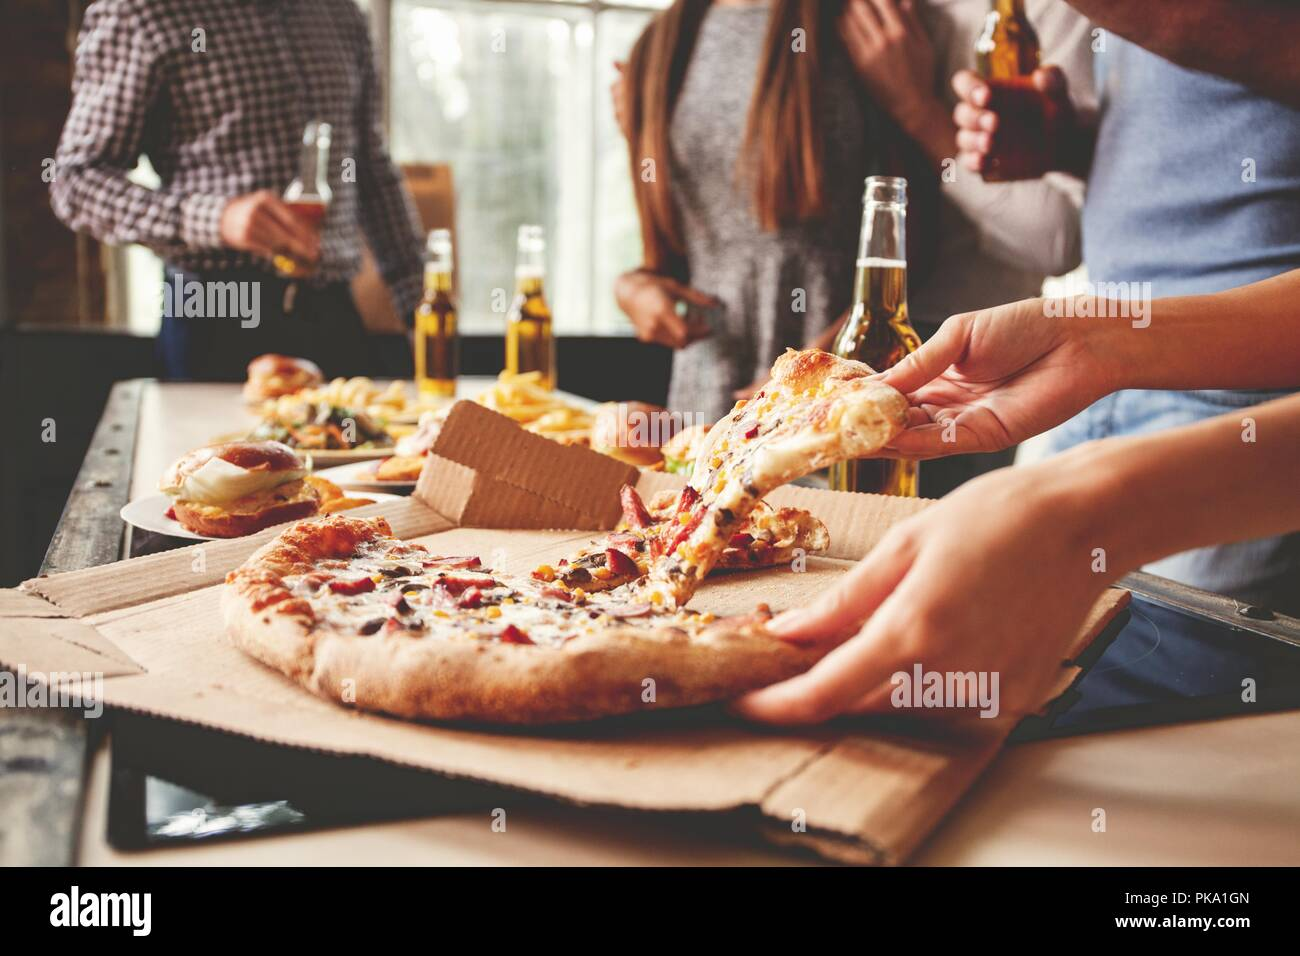 Les amis de prendre des tranches de pizza savoureuse de la plaque, vue en gros plan. Photo Stock